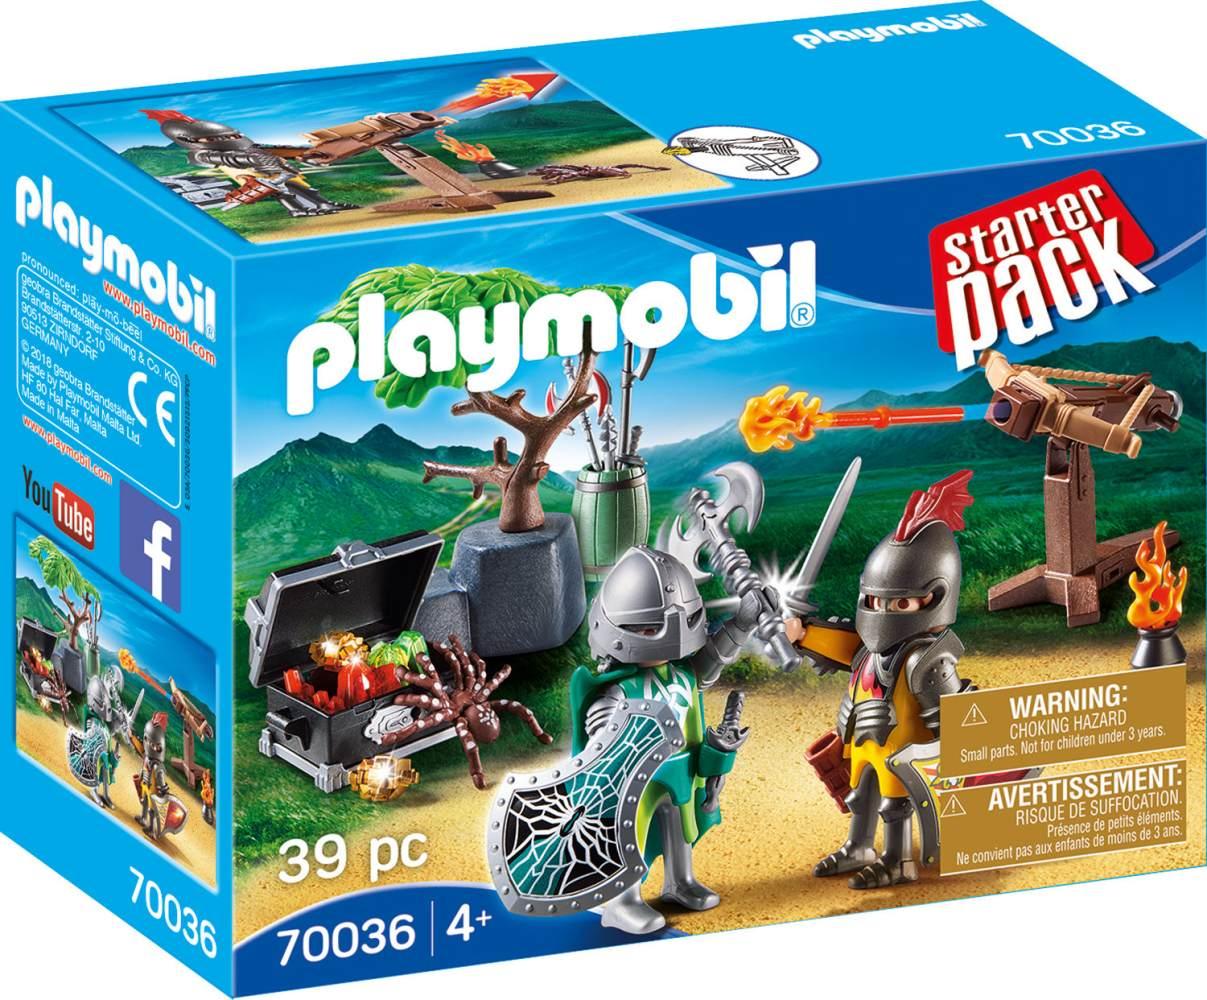 Playmobil Knights 70036 'StarterPack Kampf um den Ritterschatz', 39 Teile, ab 4 Jahren Bild 1